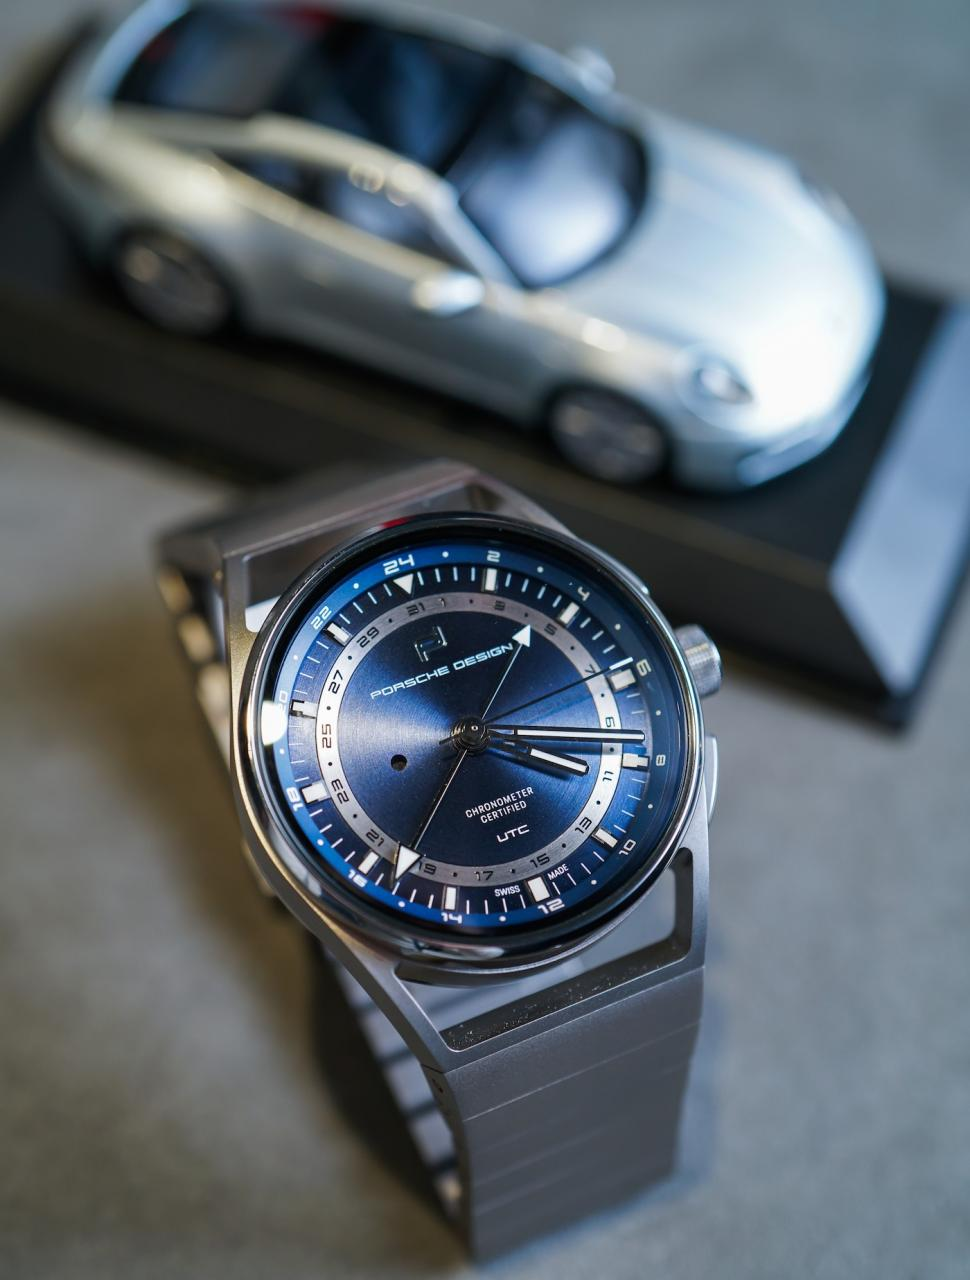 Porsche Design 1919 Globetimer UTC fake Watches